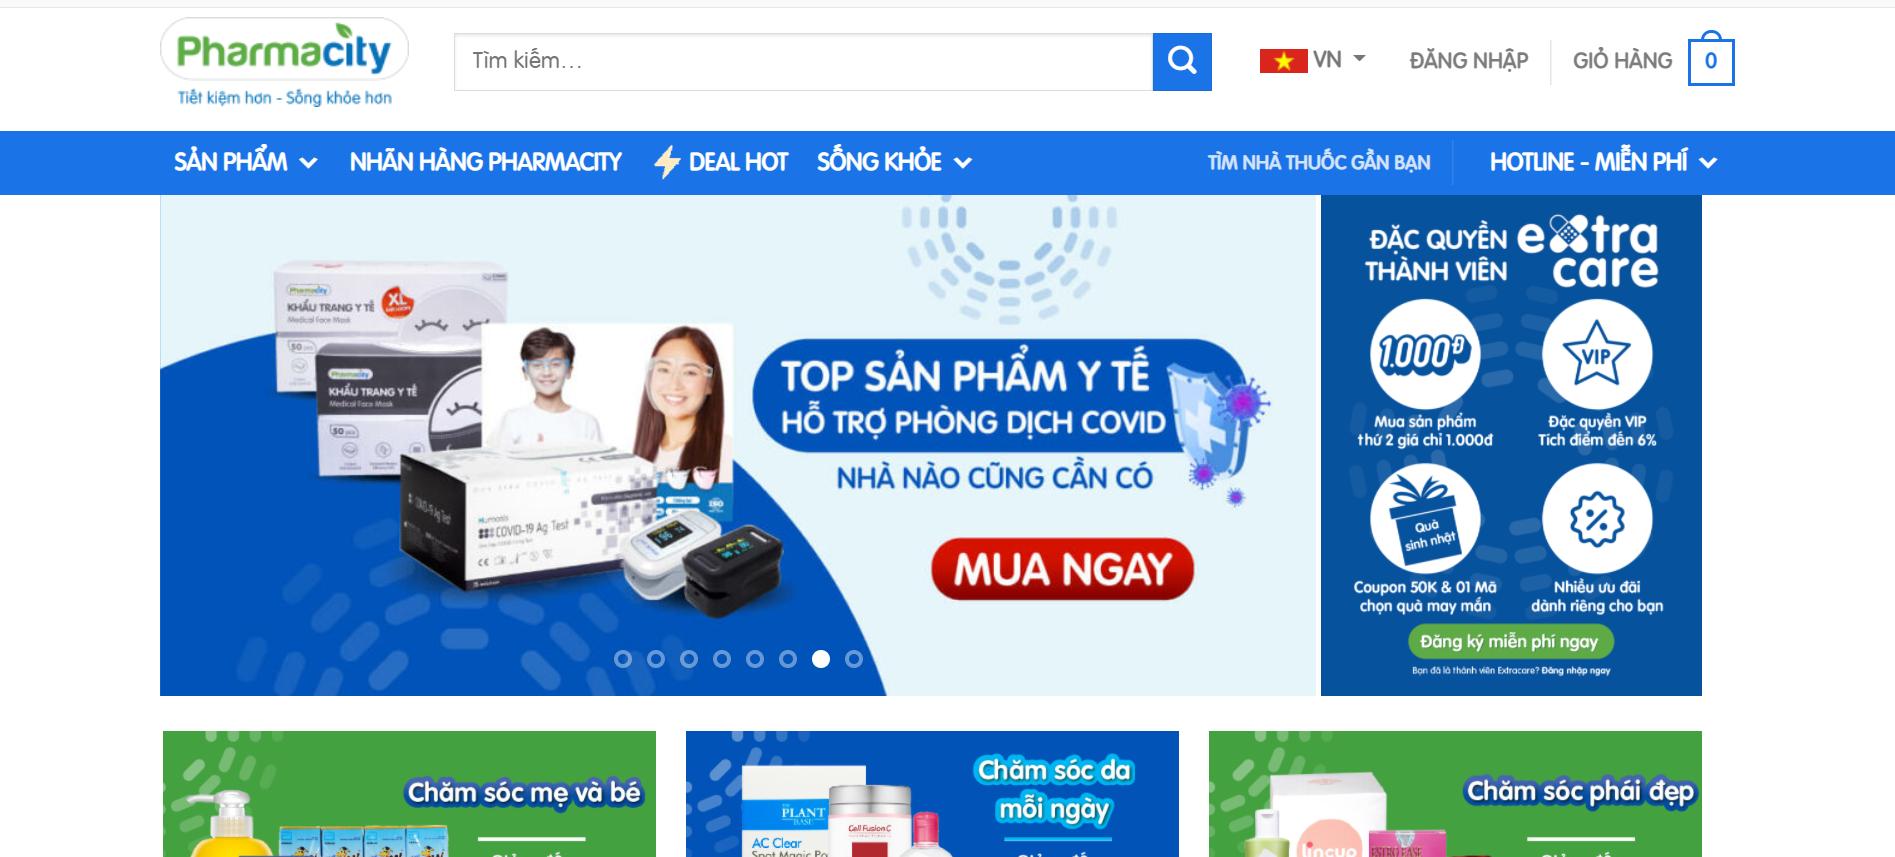 Website nhà thuốc Pharmacity